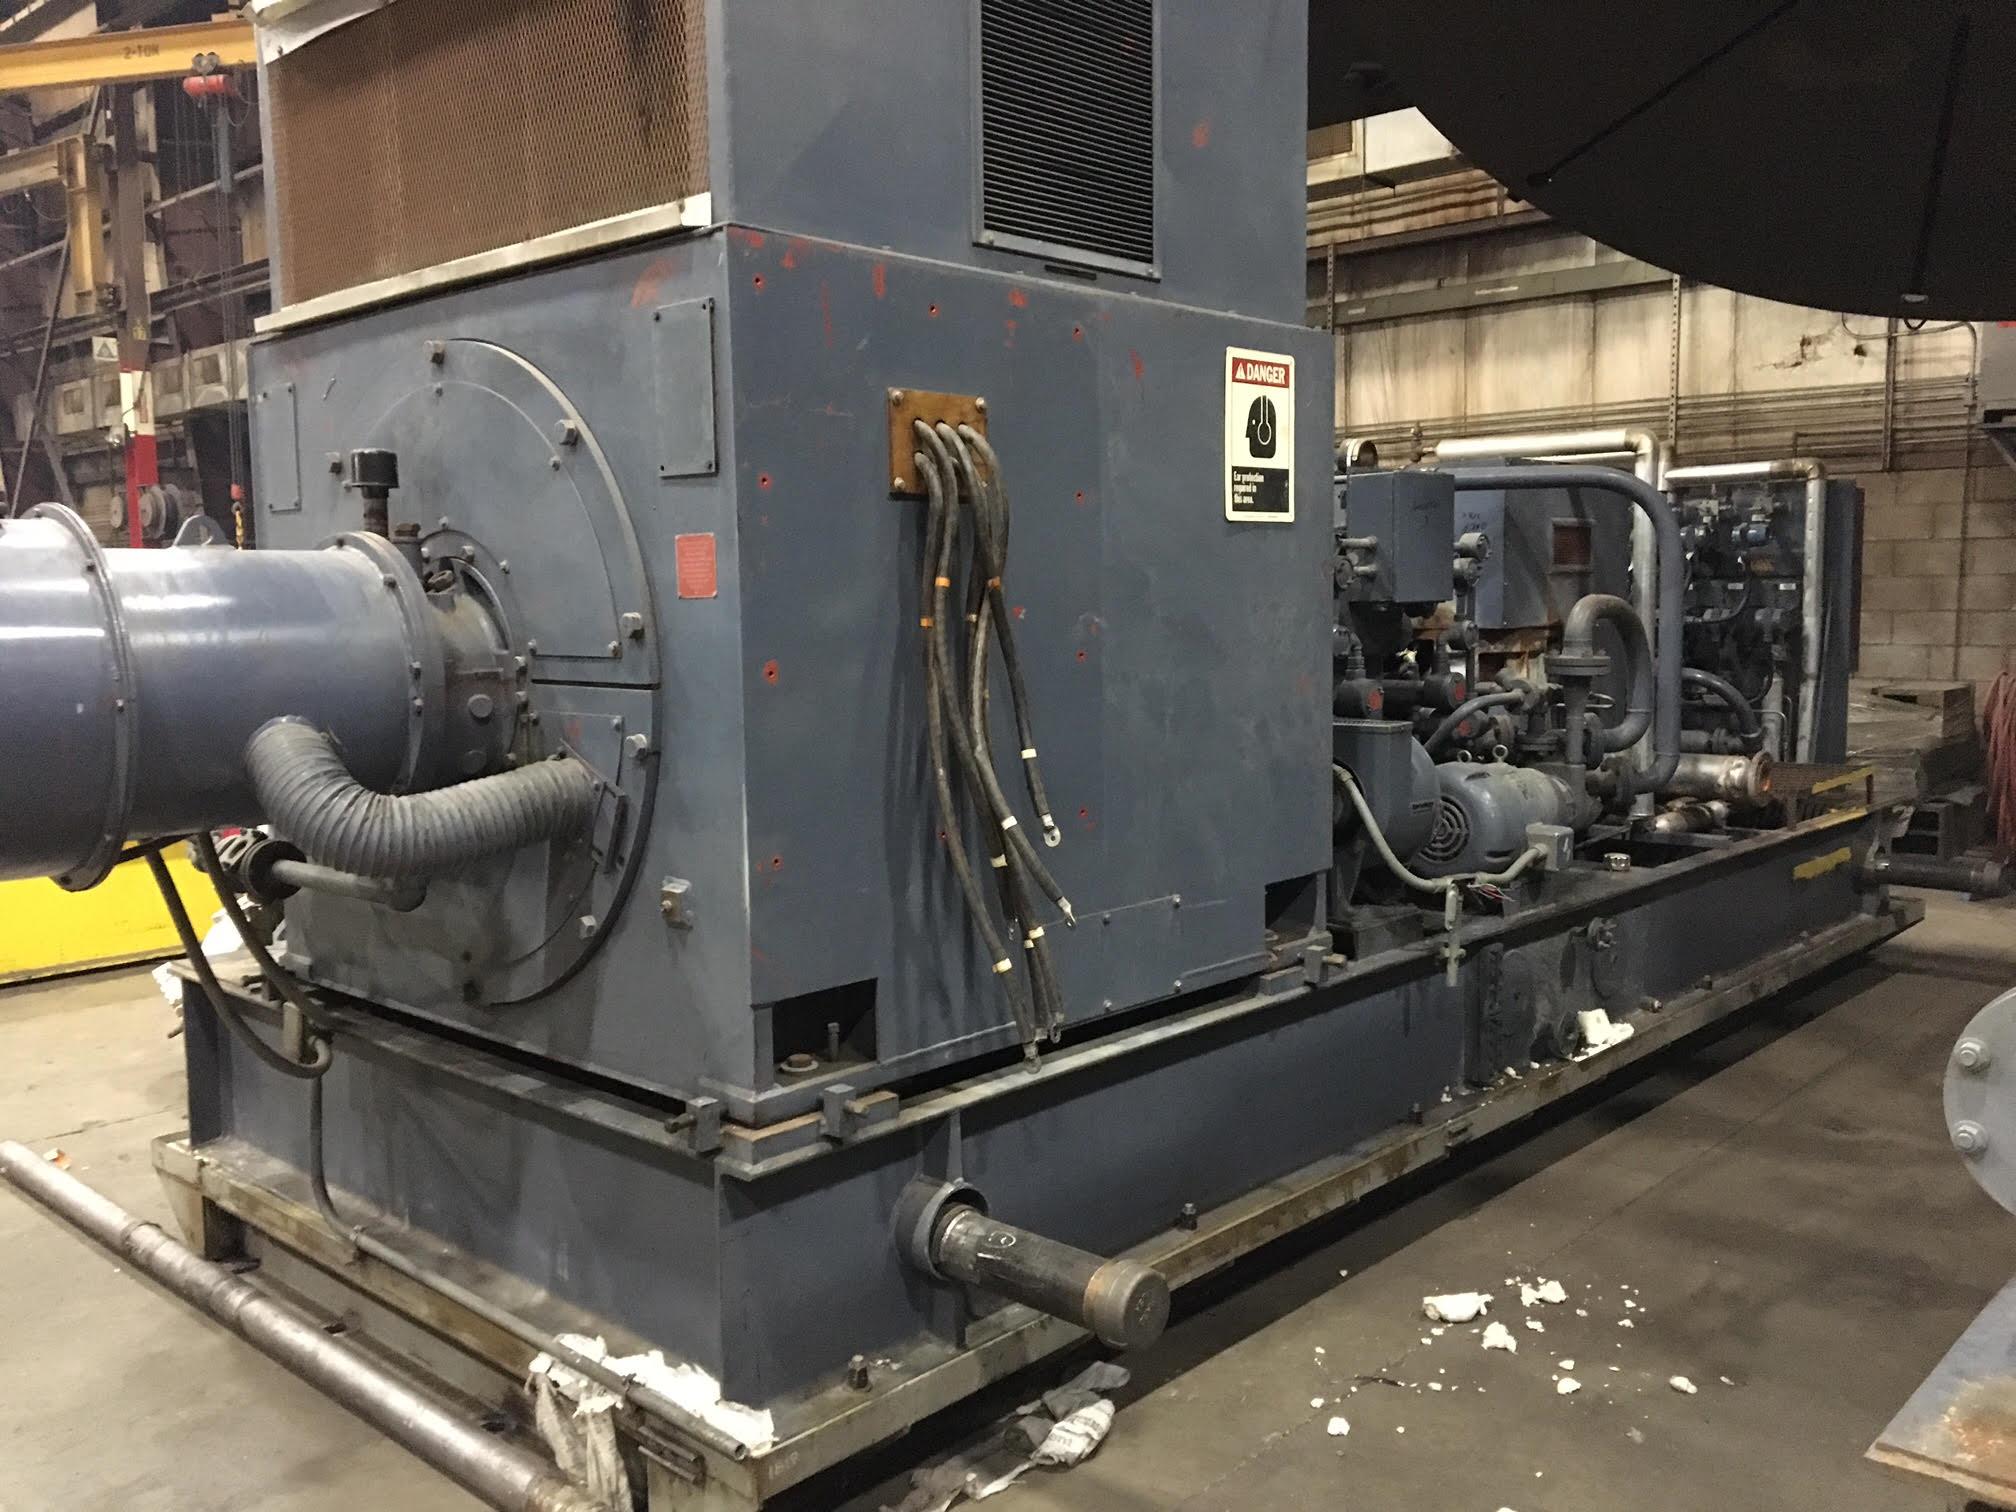 Used Murray 1500 kW RJG2 Steam turbine